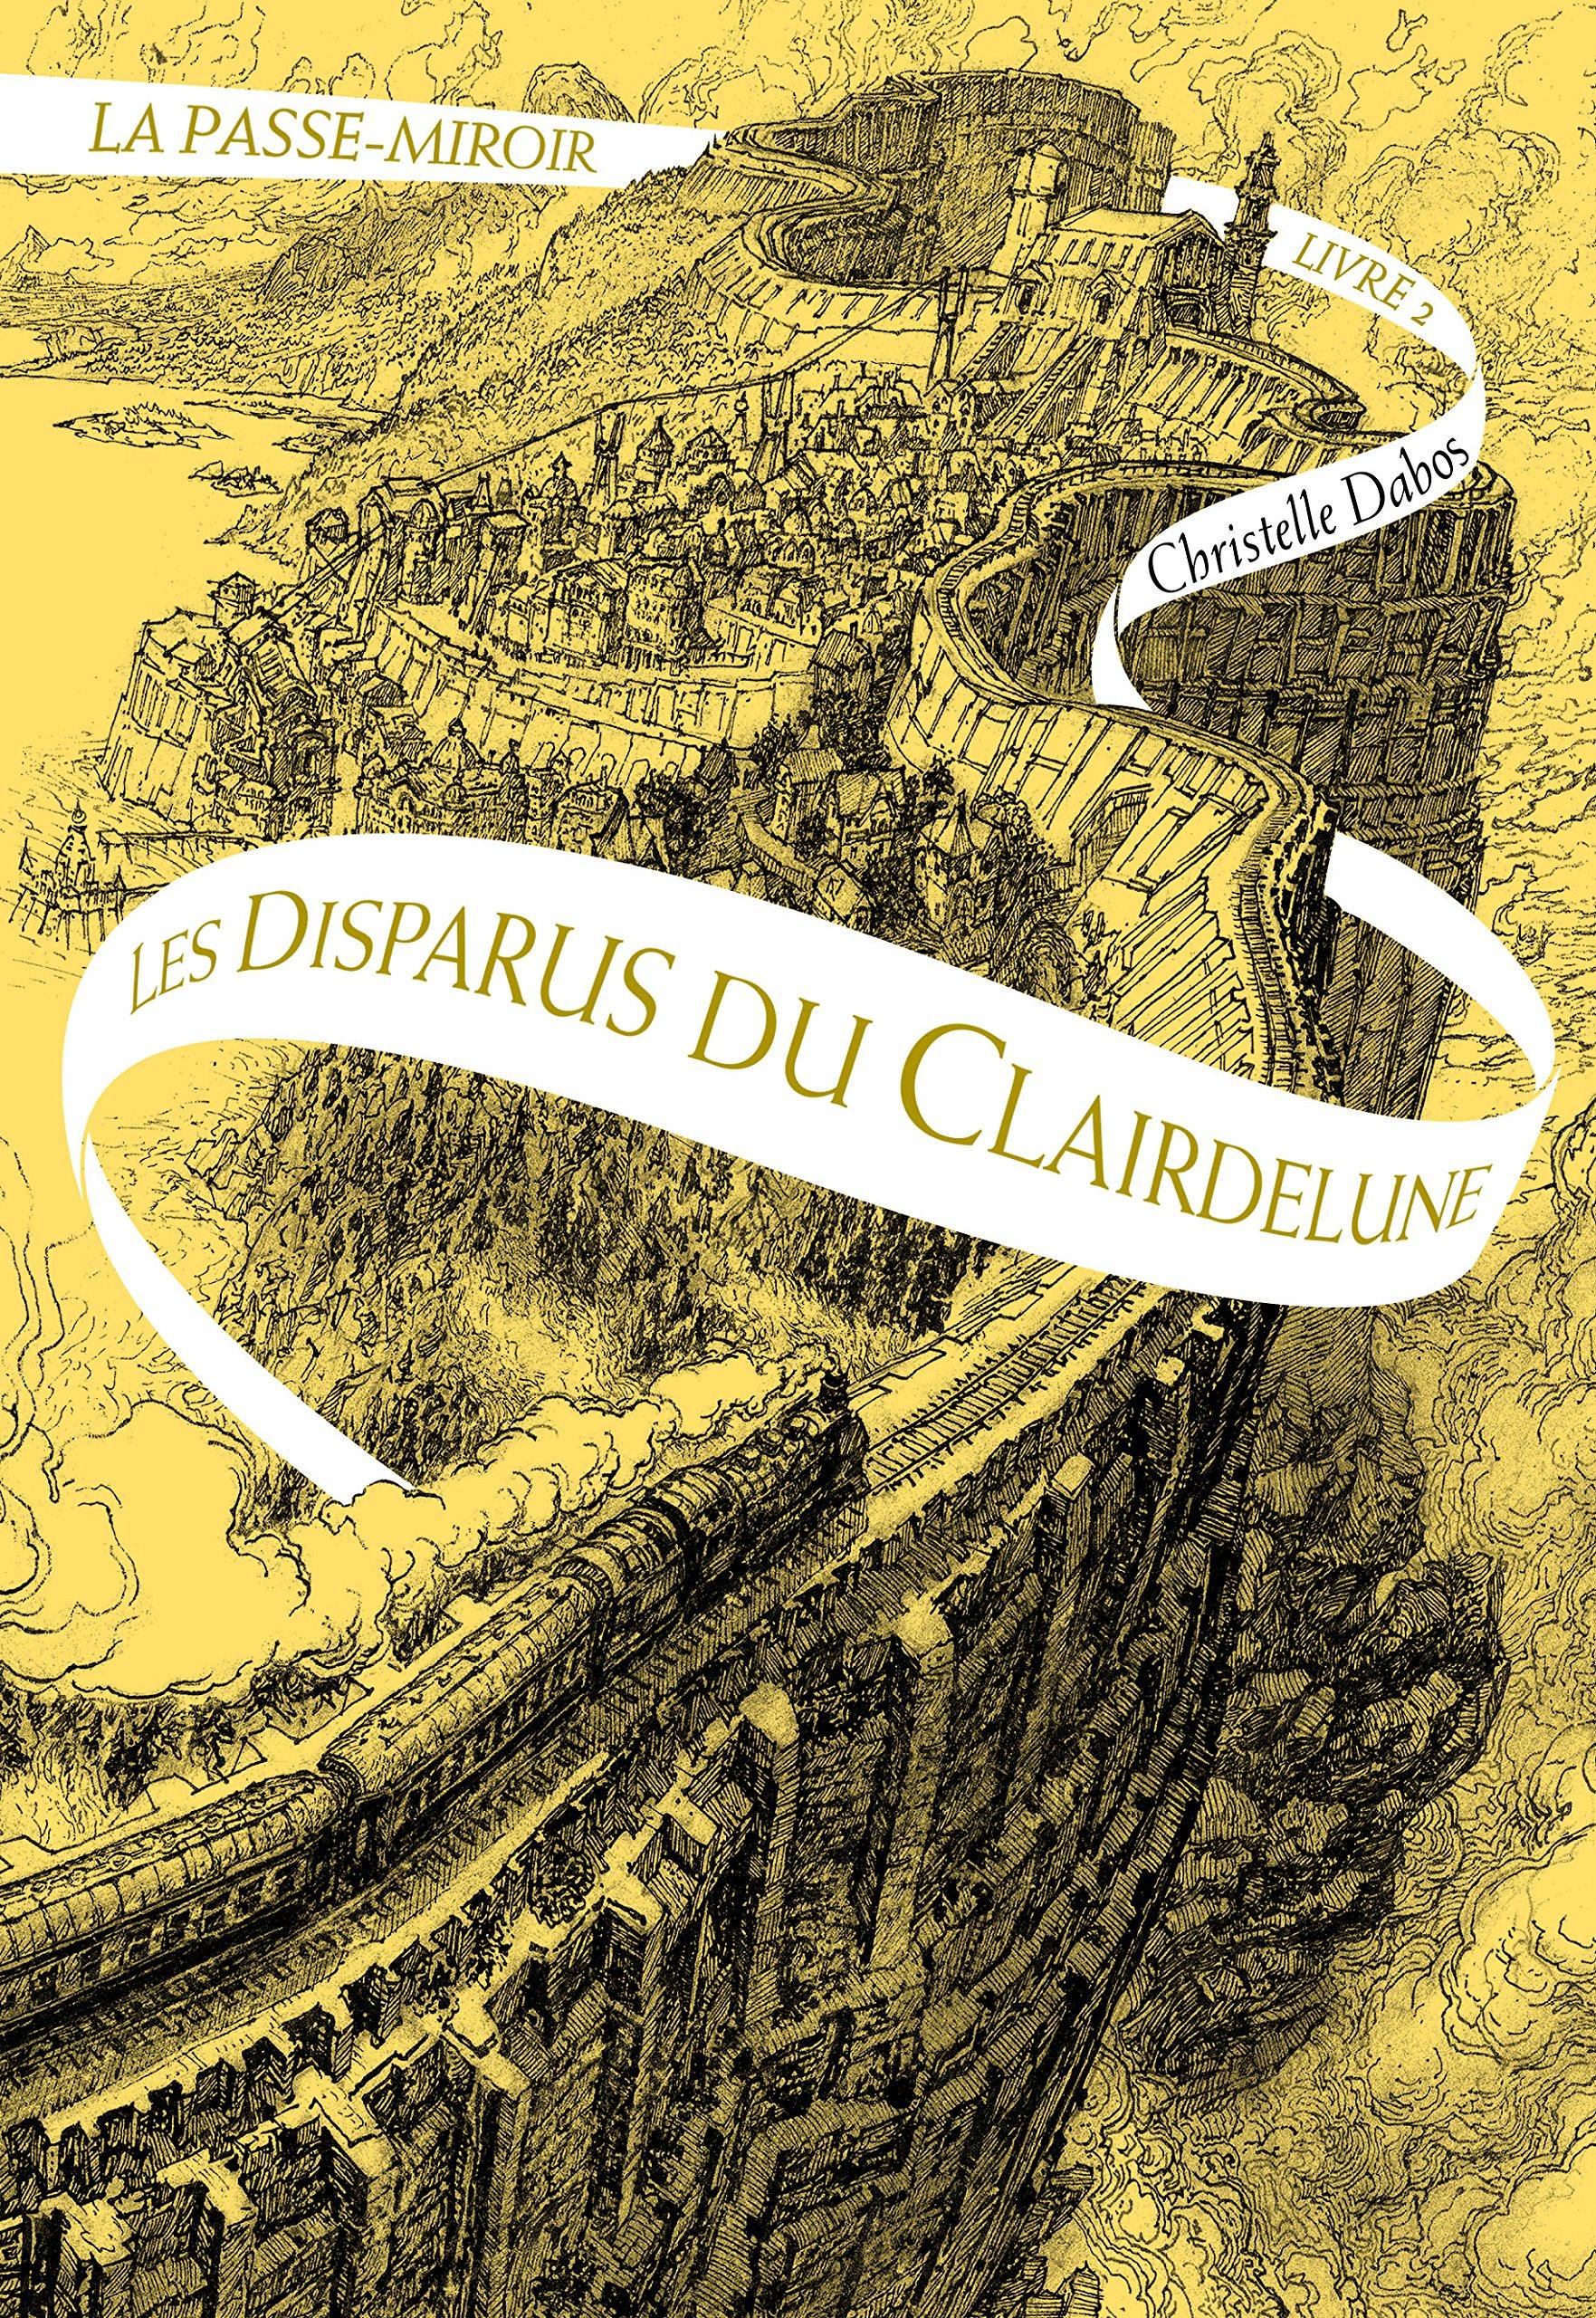 La Passe Miroir Tome 3 Ebook Gratuit : passe, miroir, ebook, gratuit, Ebooks, Gratuit, Passe-miroir, Christelle, Dabos